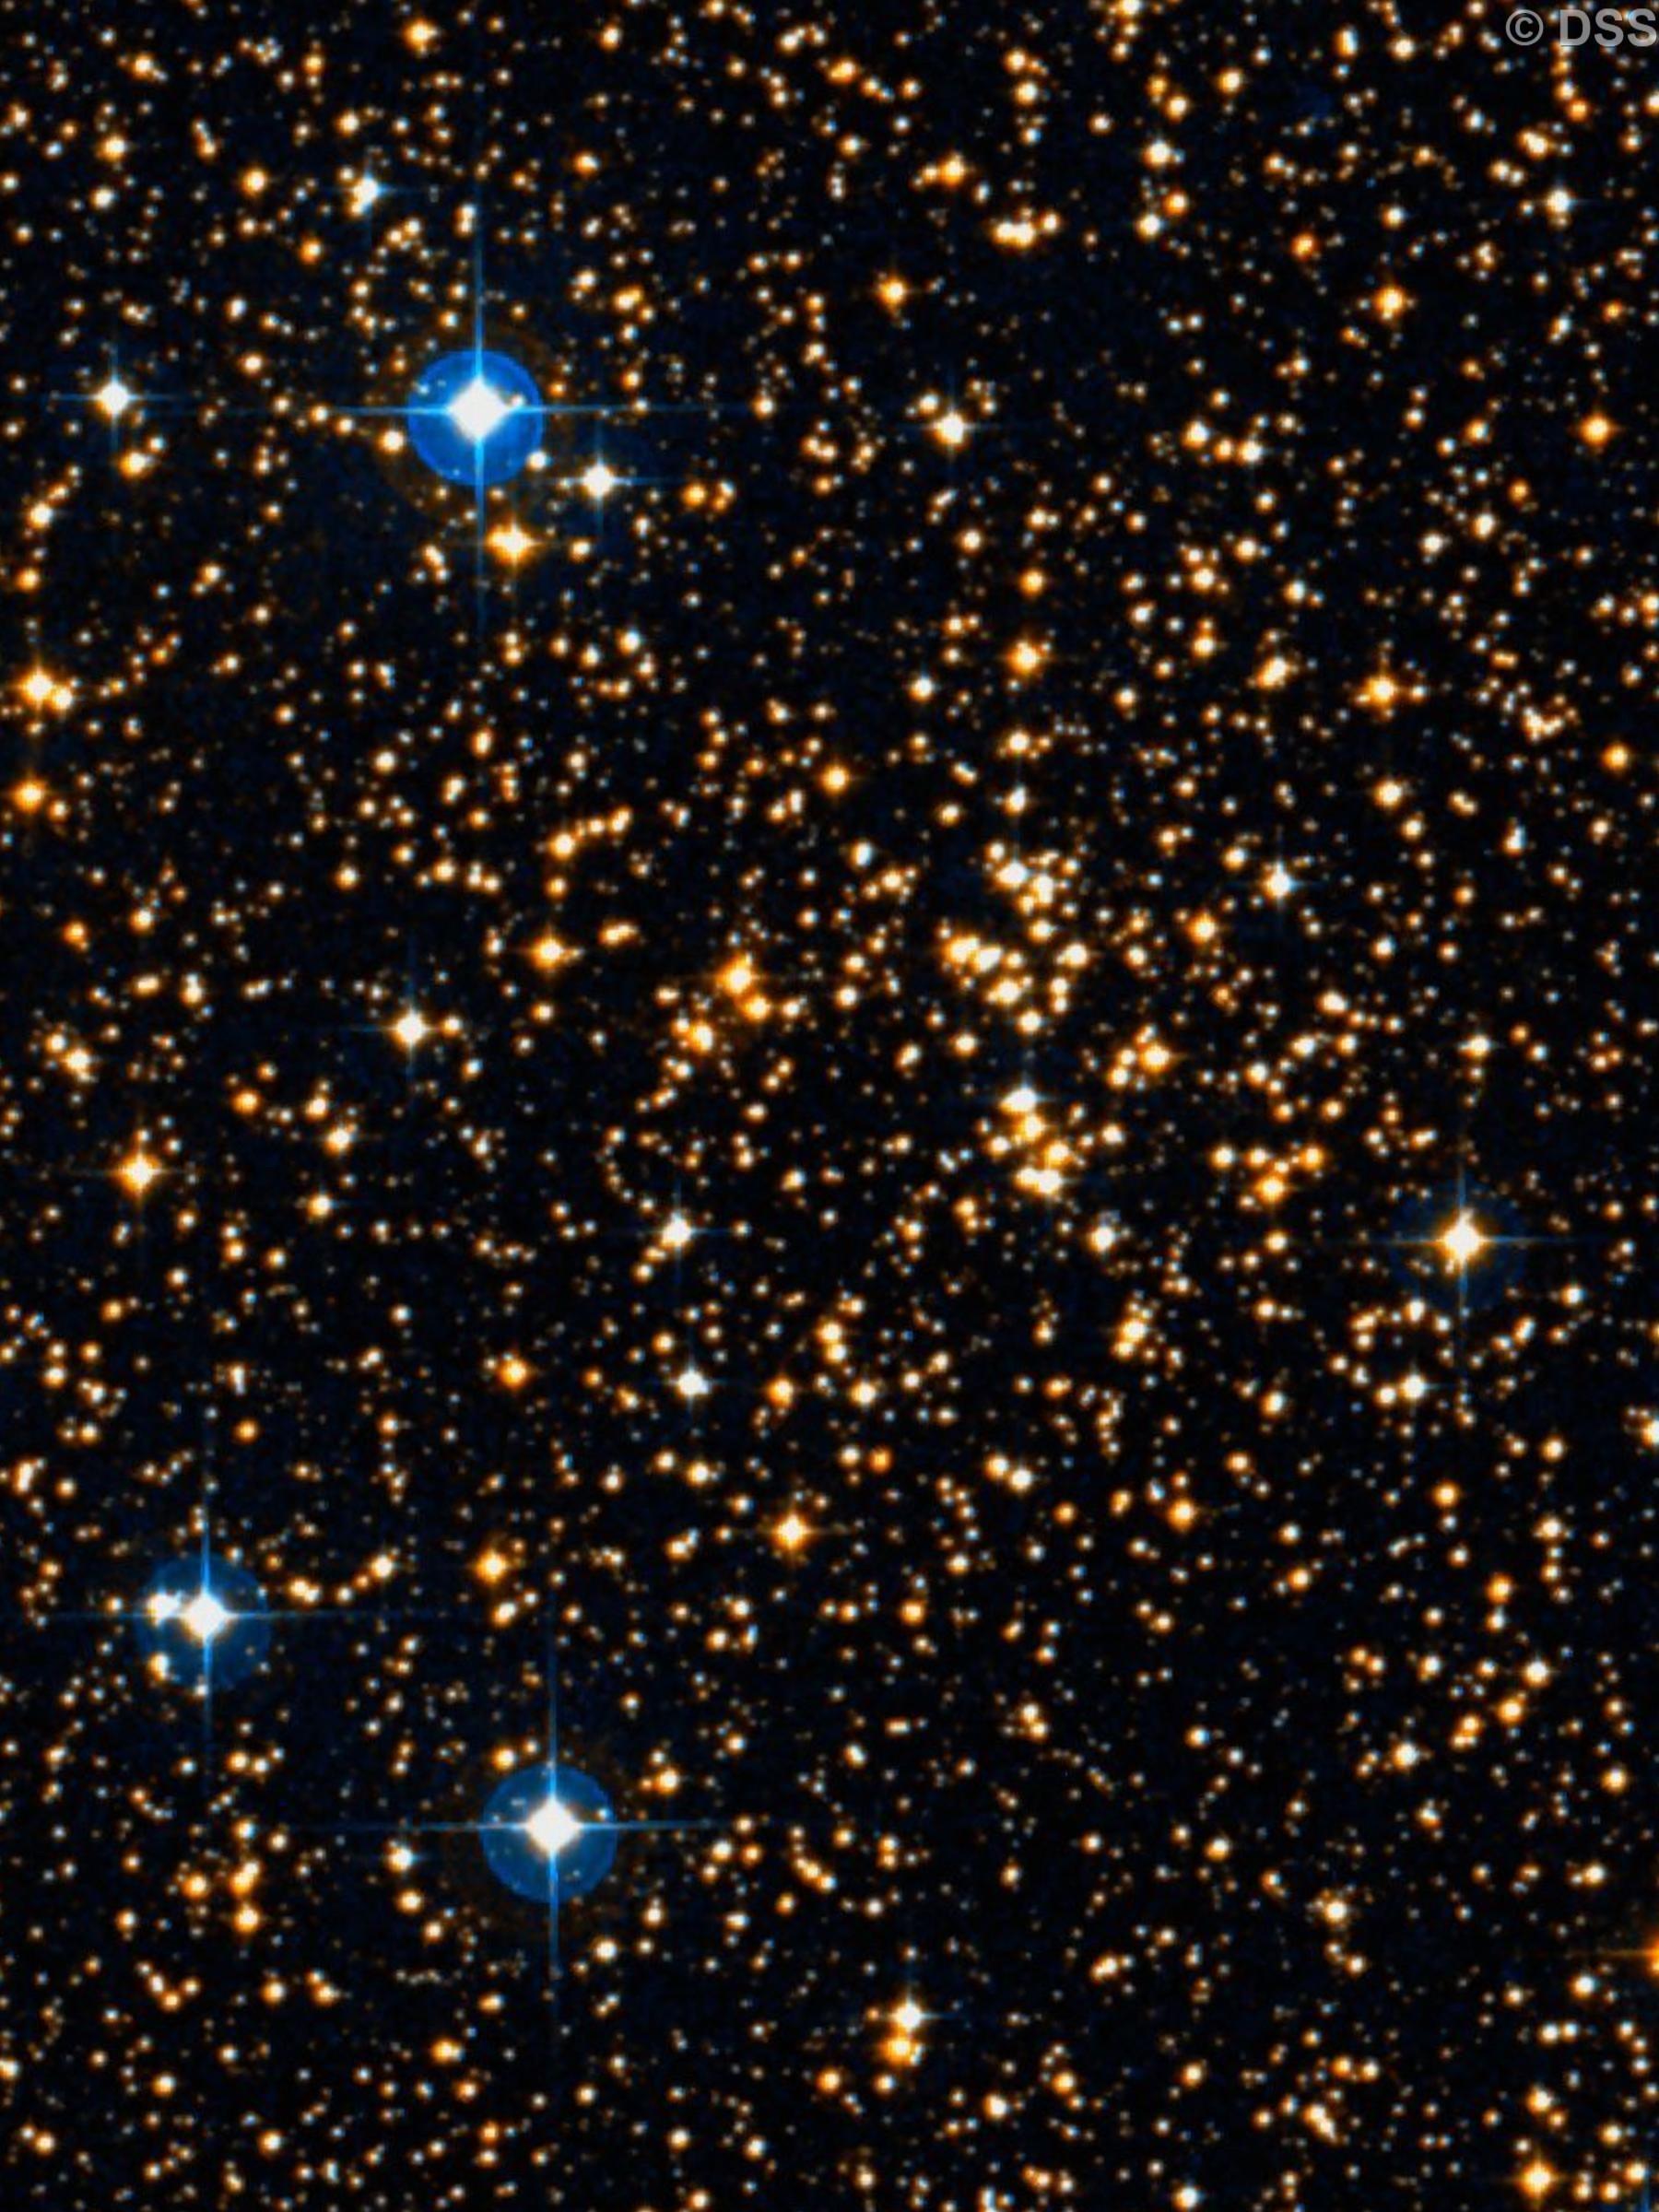 NGC 2432